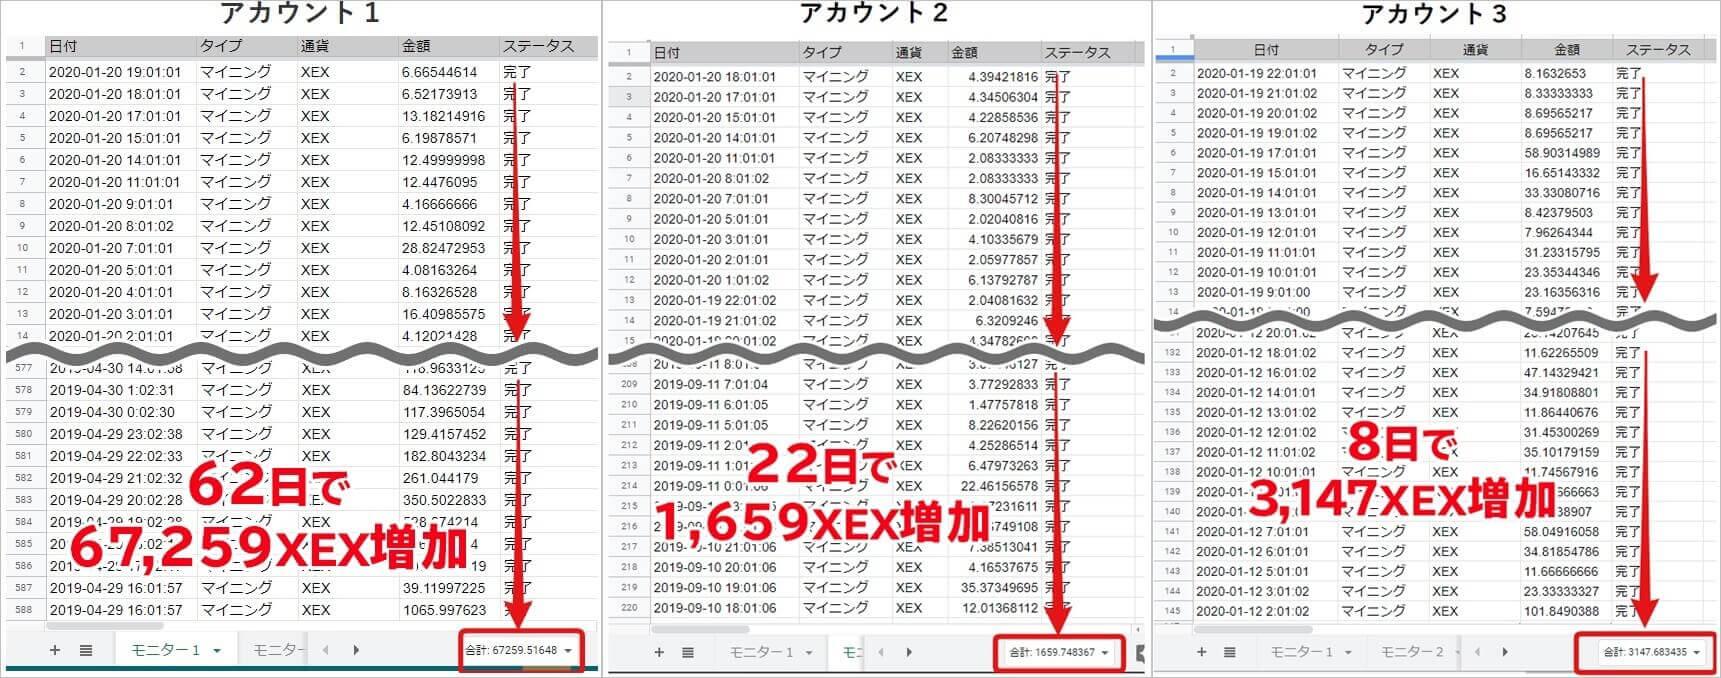 XEXY(ゼクシー)クロスエクスチェンジ専用の自動ツールの検証データ